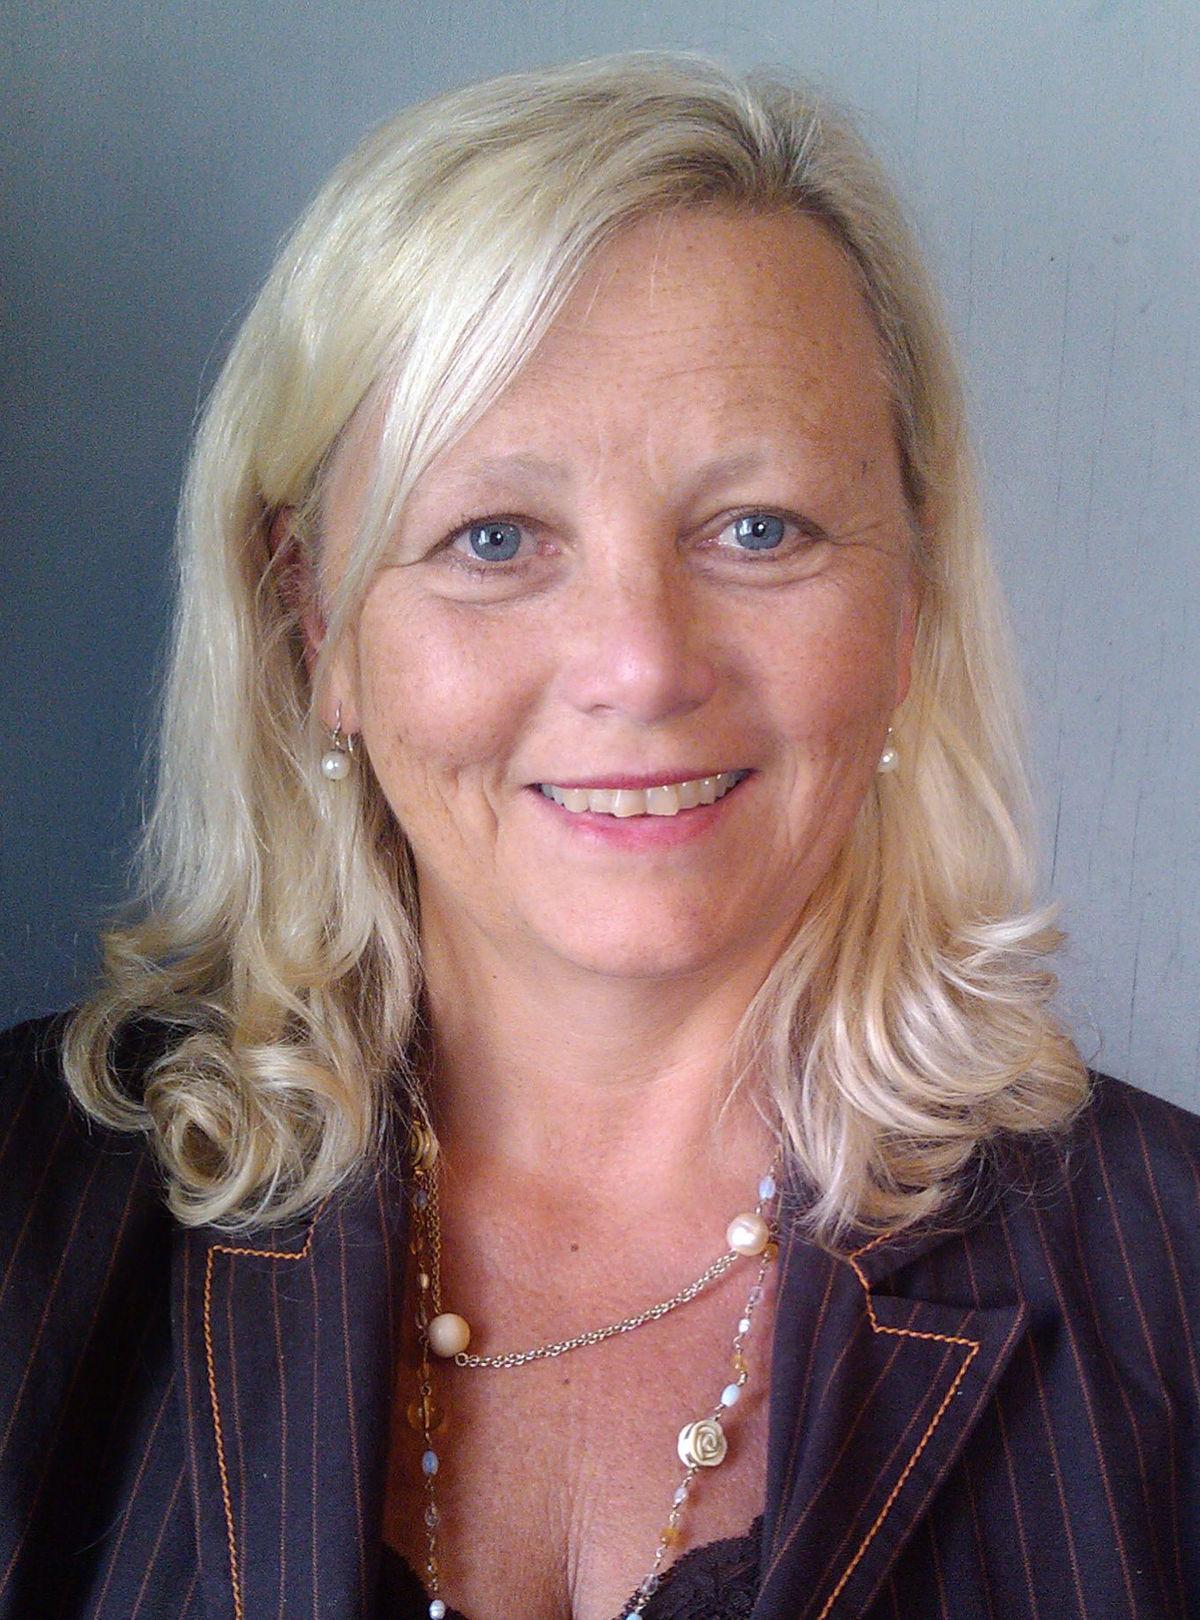 Jodie Smith